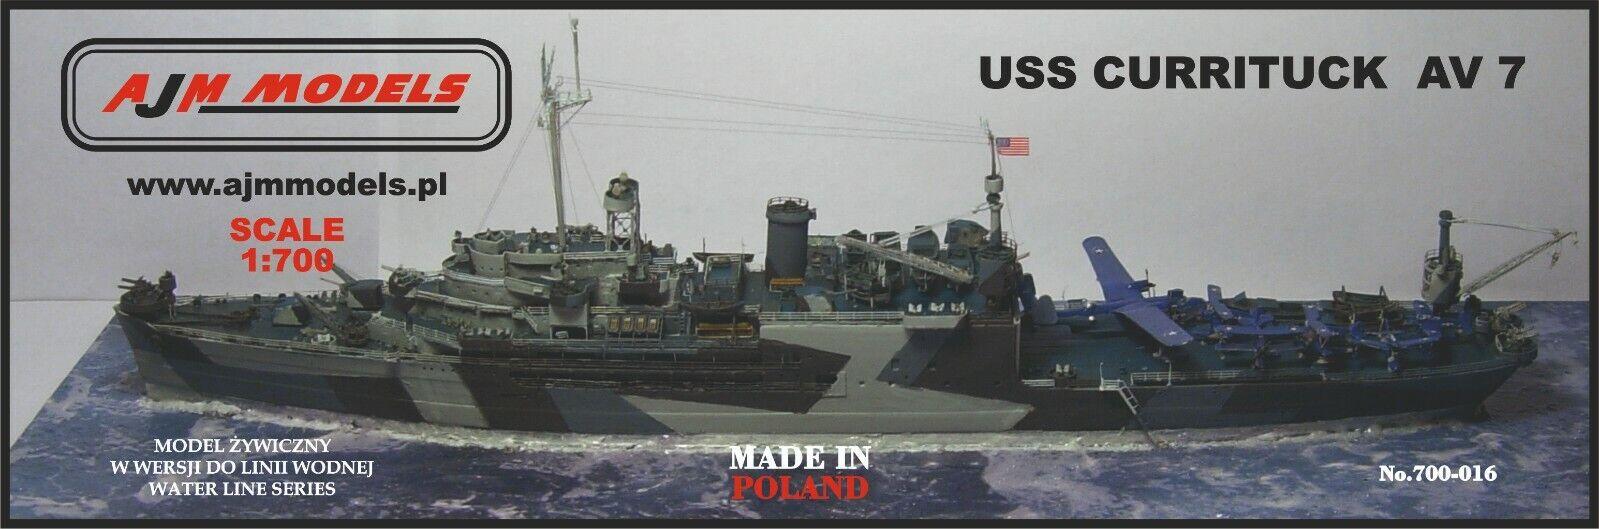 AJM Models 1 700 USS Currituck - AV - 7 seaplanes tender